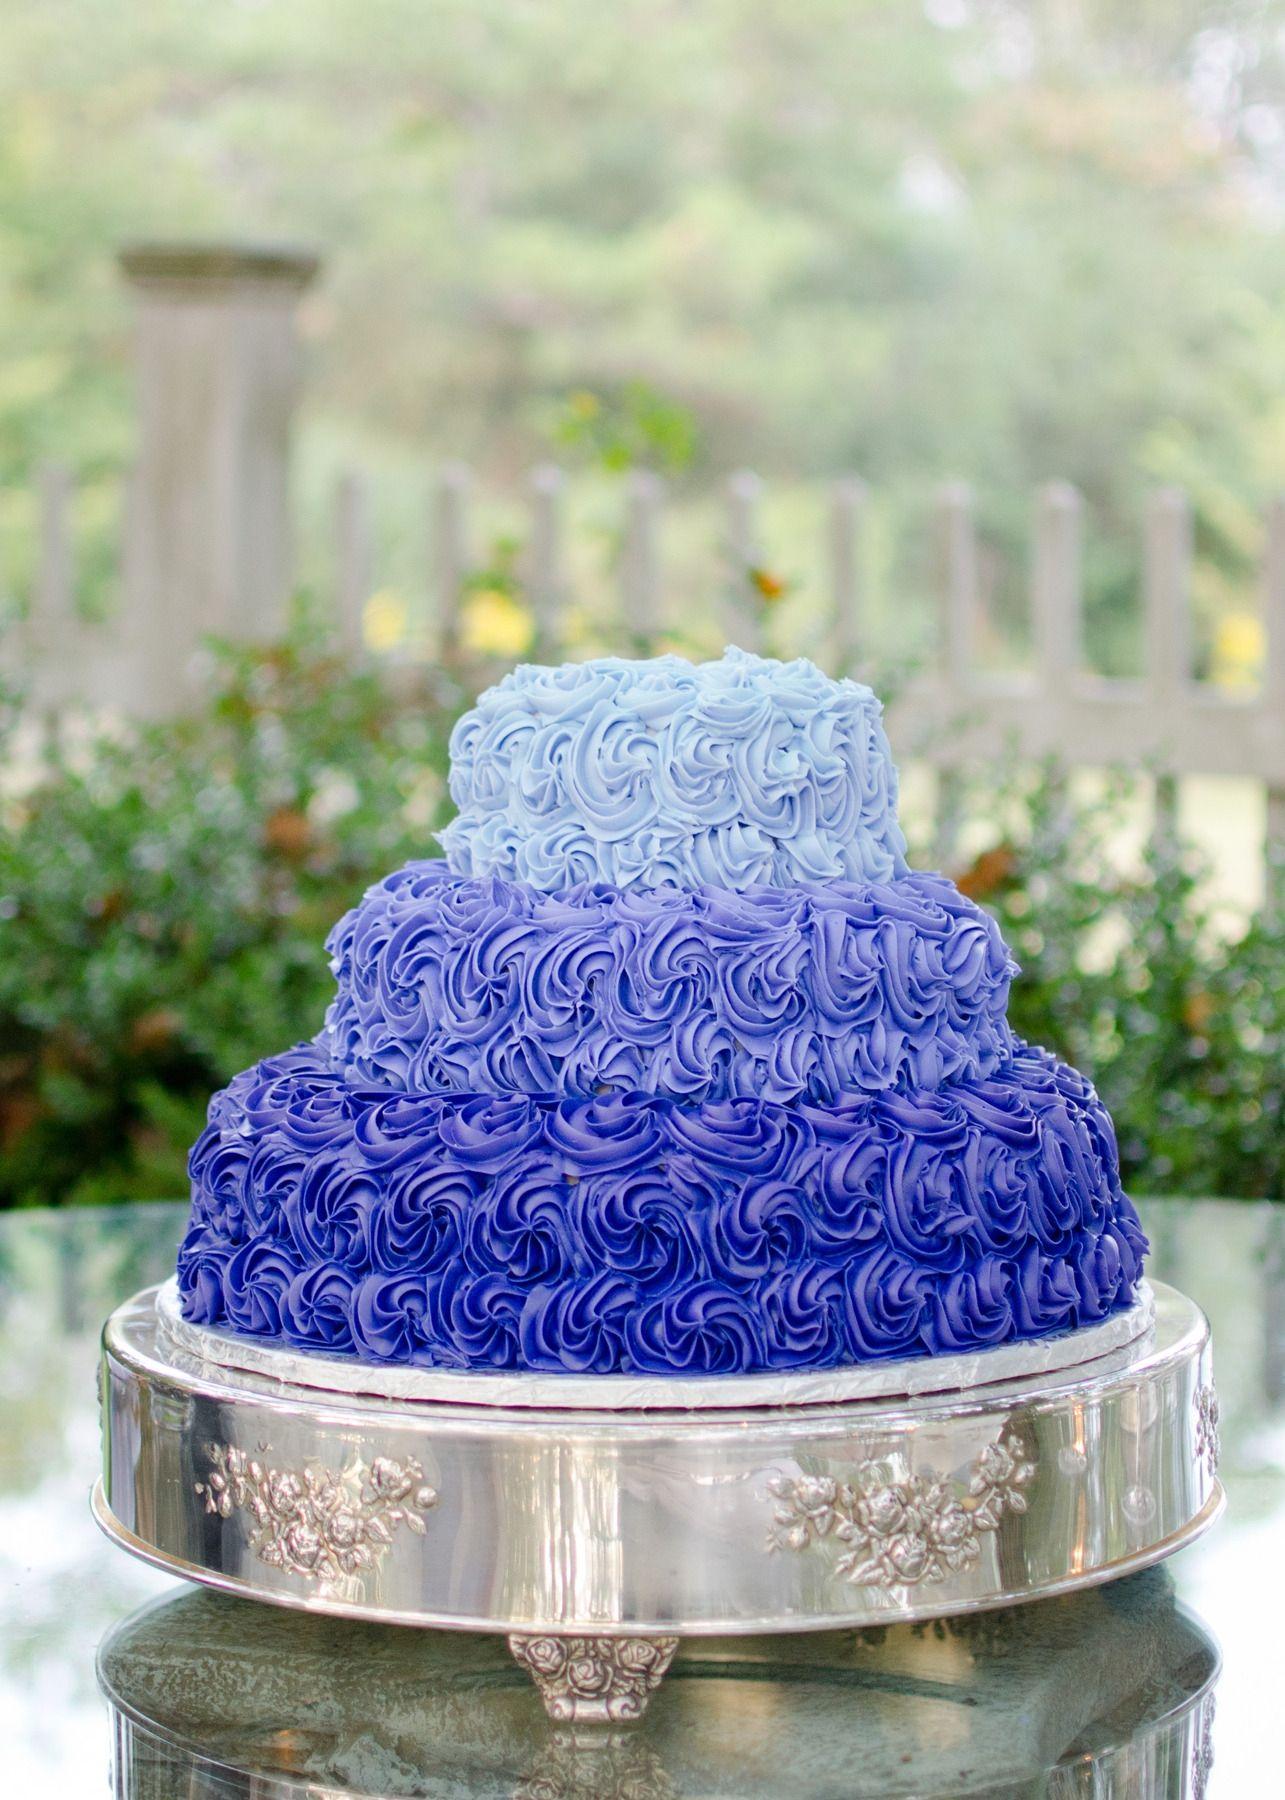 Georgia purple wedding le jardin blanc ombre cake purple cake